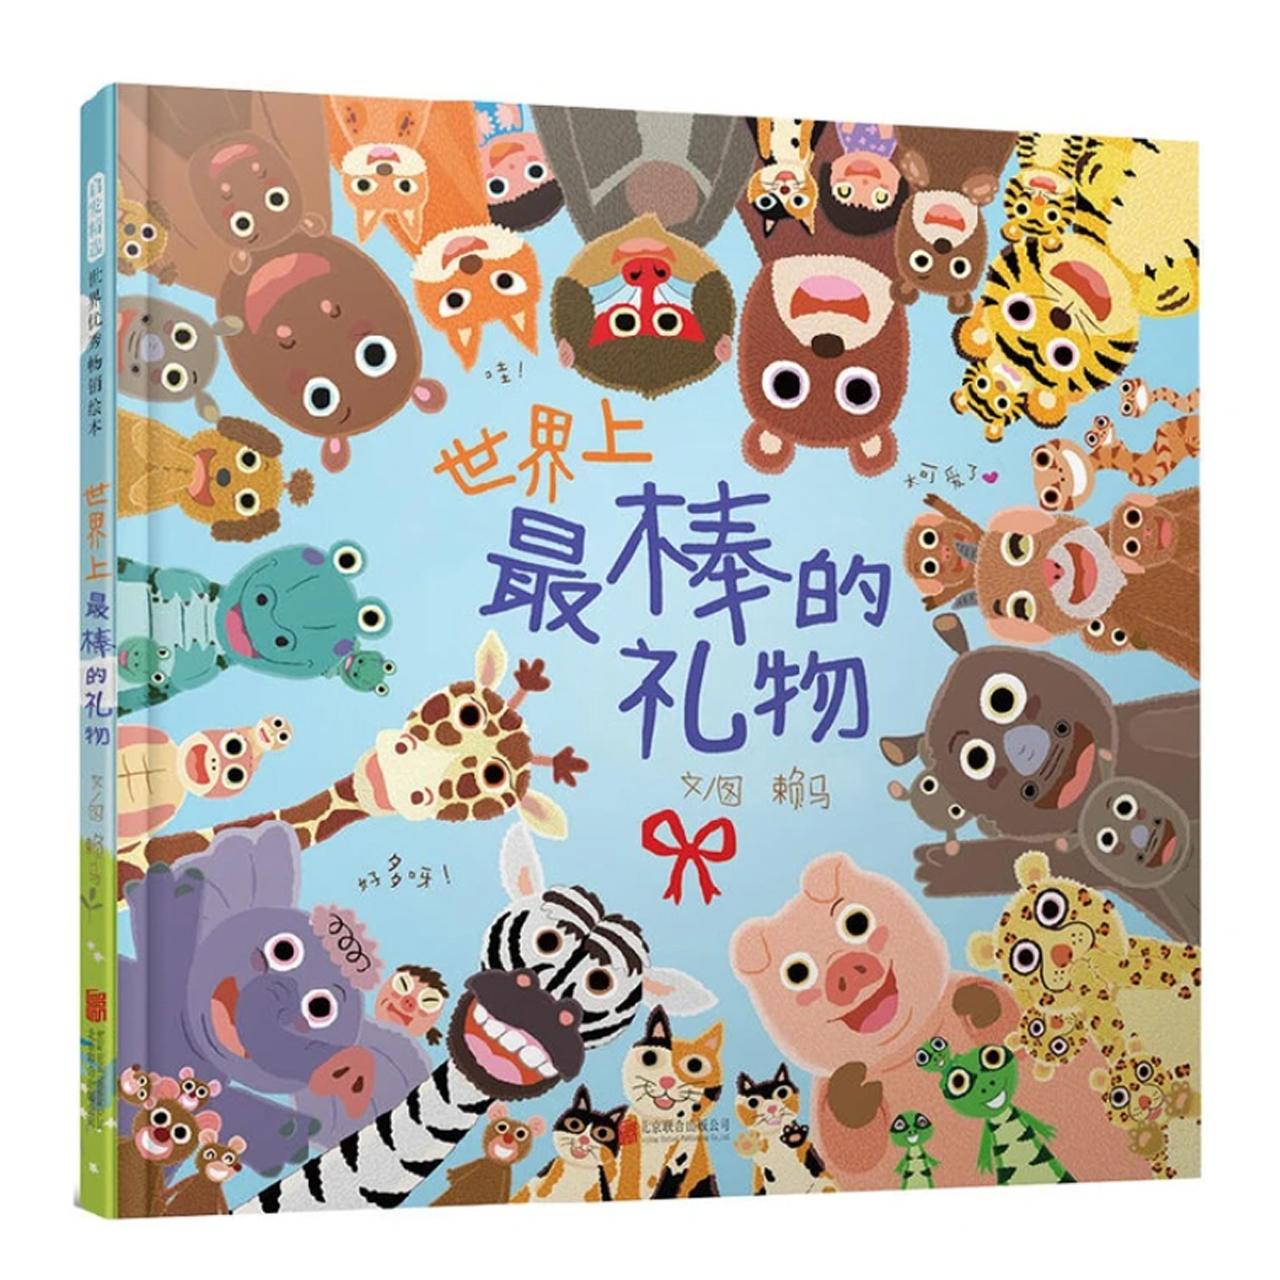 世界上最棒的礼物【儿童绘本/有趣故事/知识绘本】